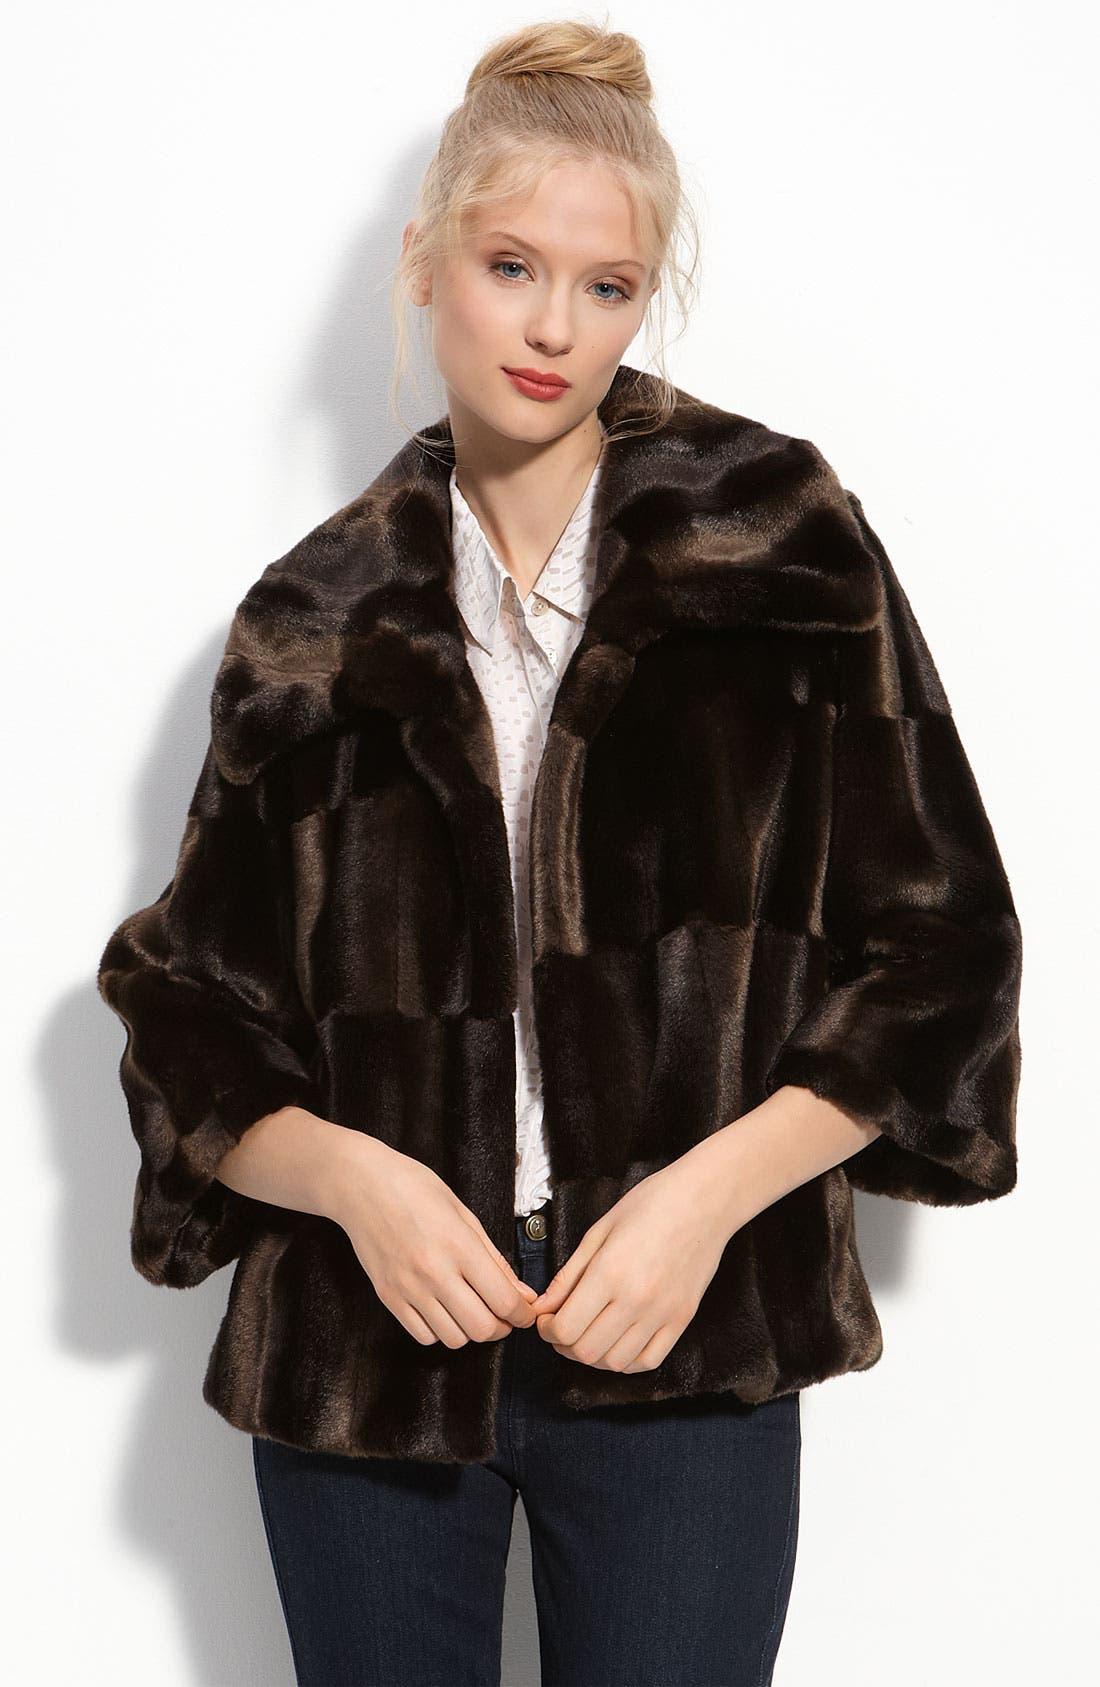 Alternate Image 1 Selected - Tahari 'Tara' Faux Fur Coat